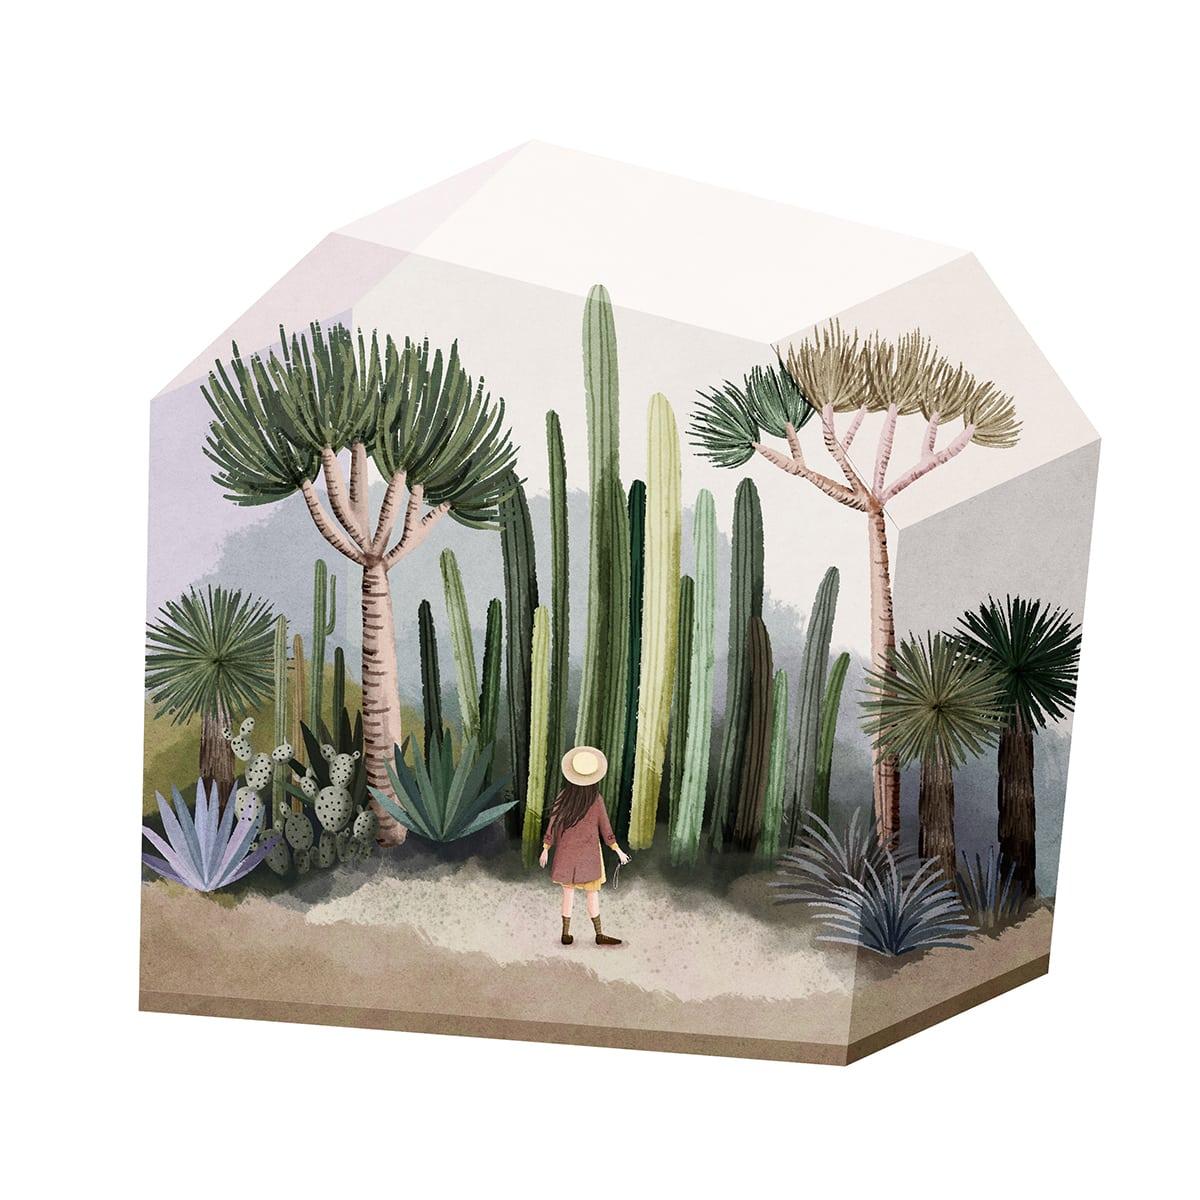 mundos fastansticos ceci lam cactus